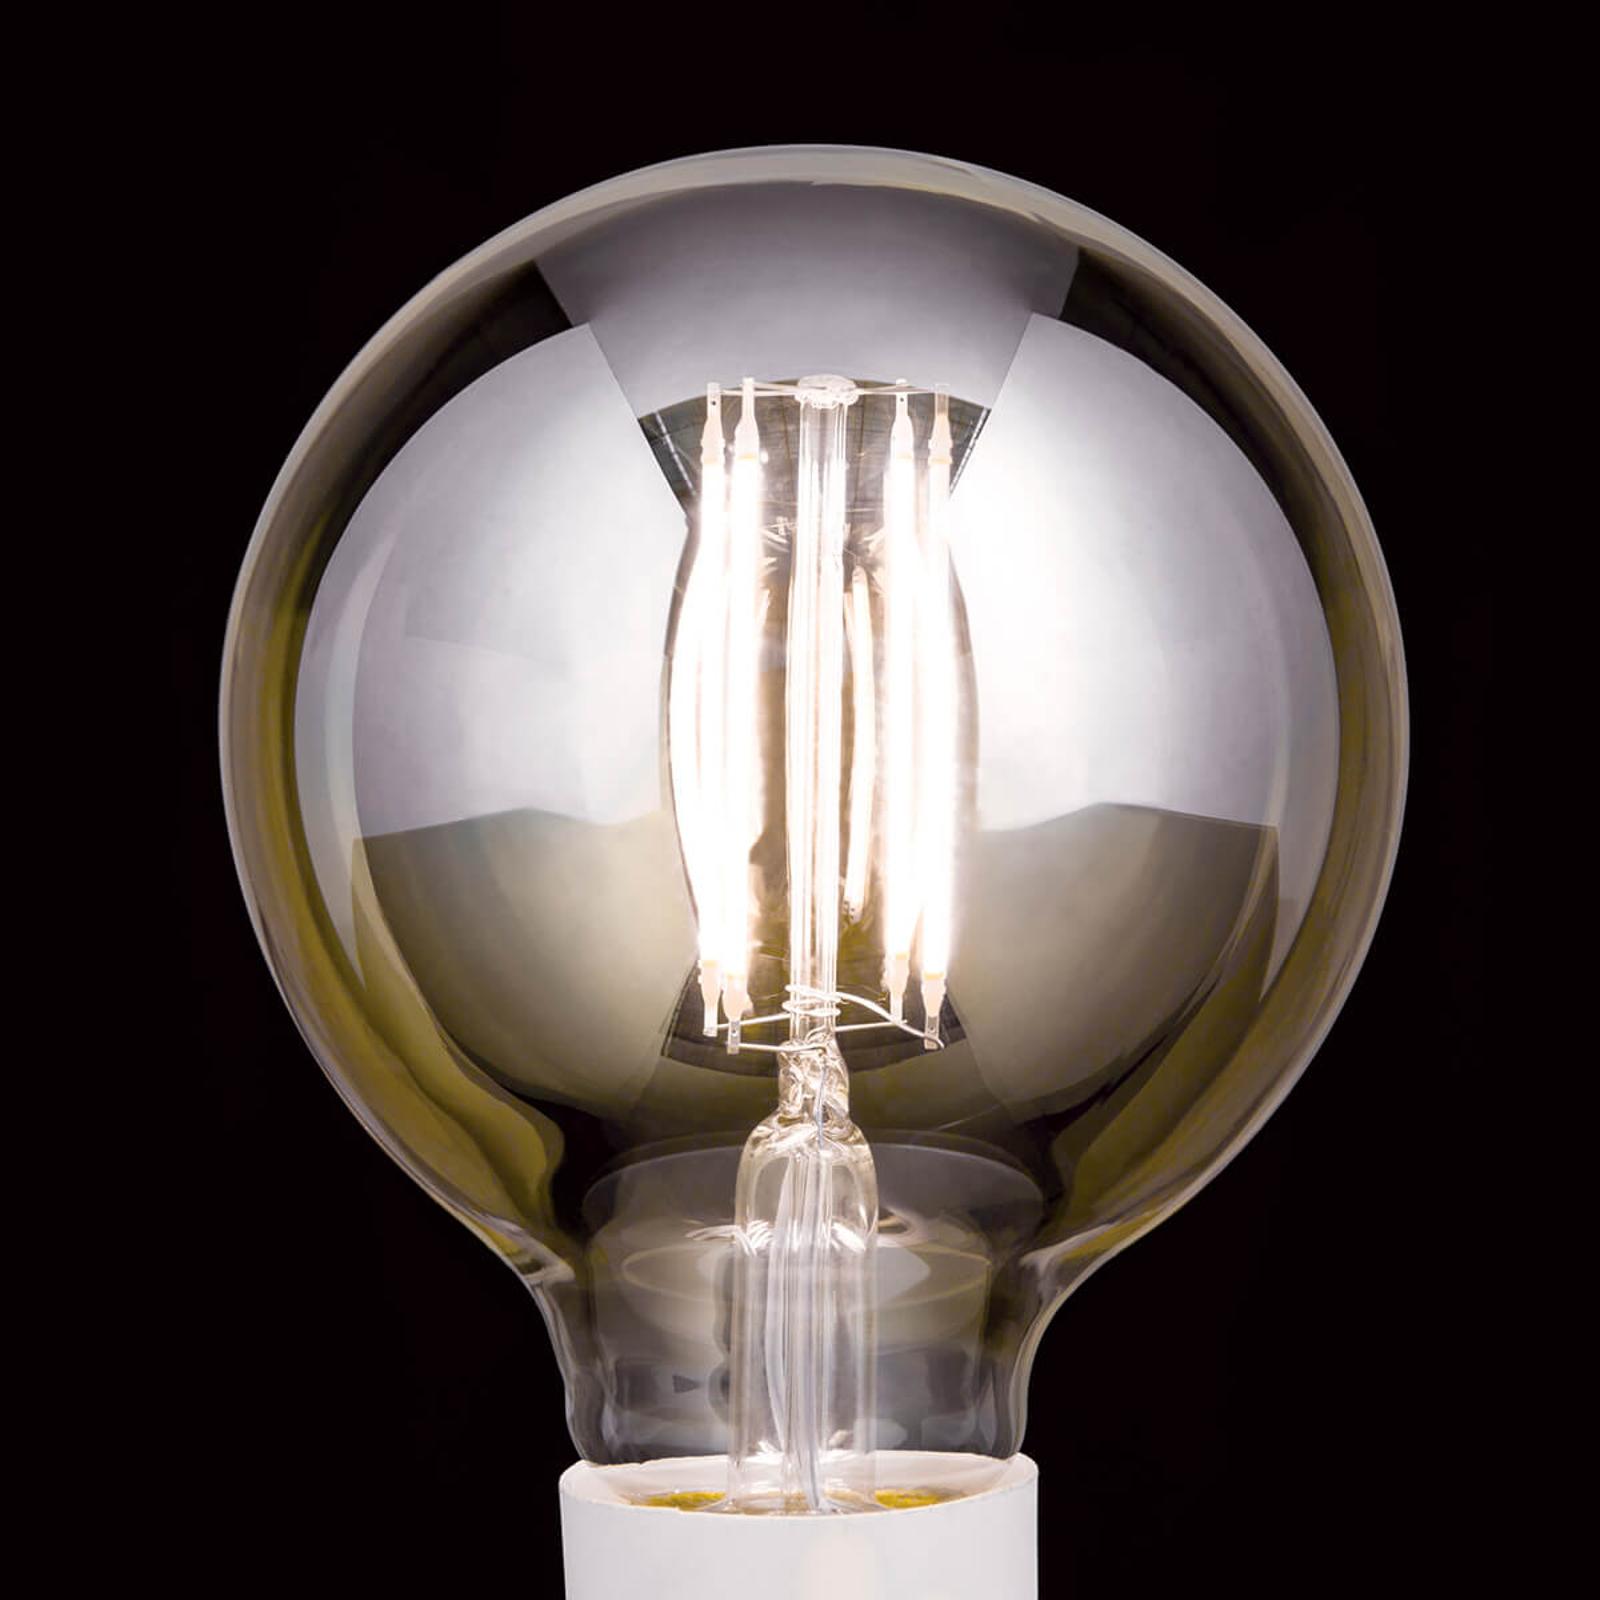 LED-Globelampe E27 7W, warmweiß, 720 Lumen, dimmb.